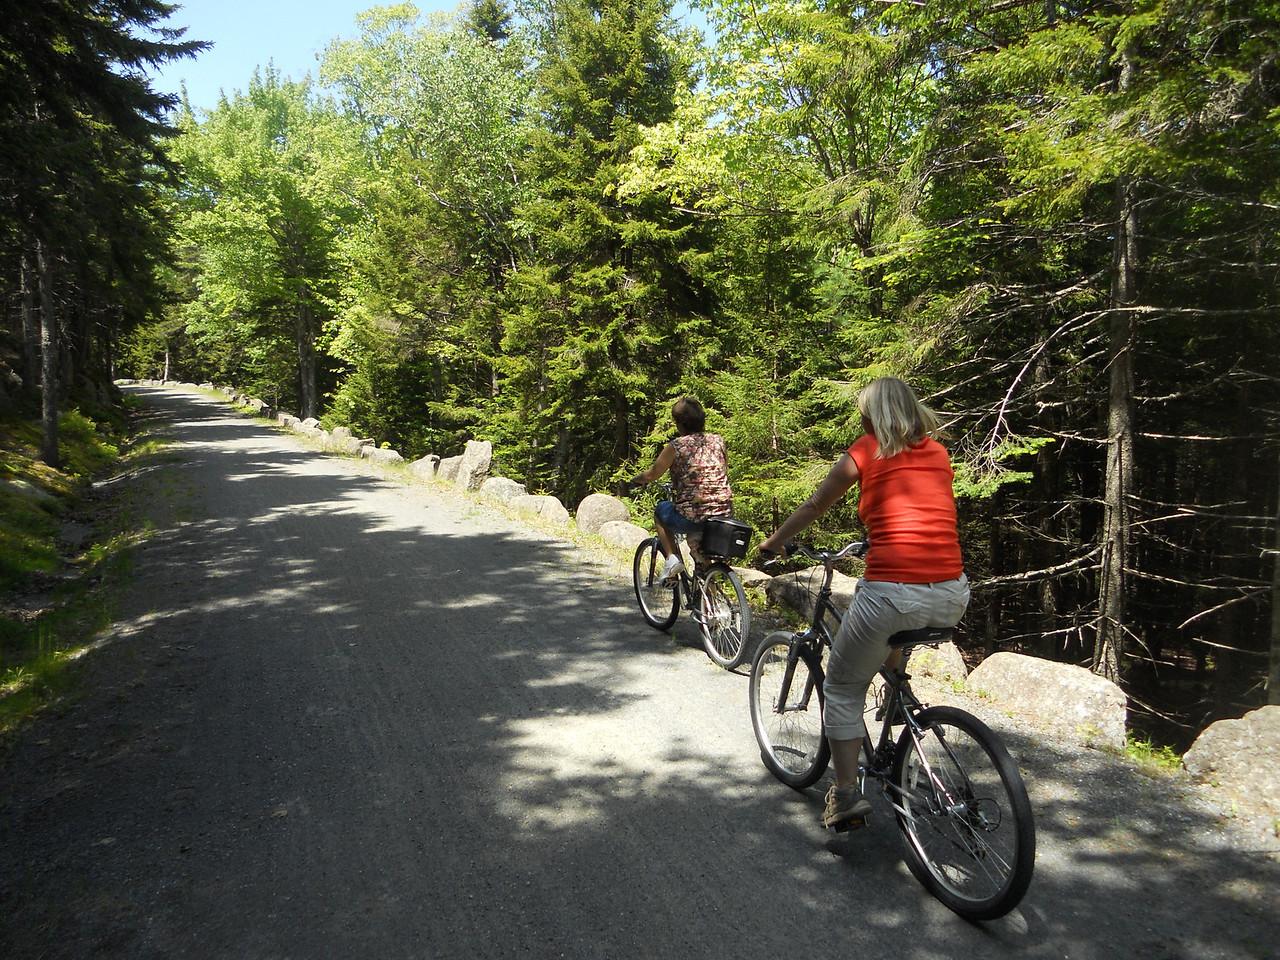 6-10-12 Buzzy pics, Acadia Bike Ride 045